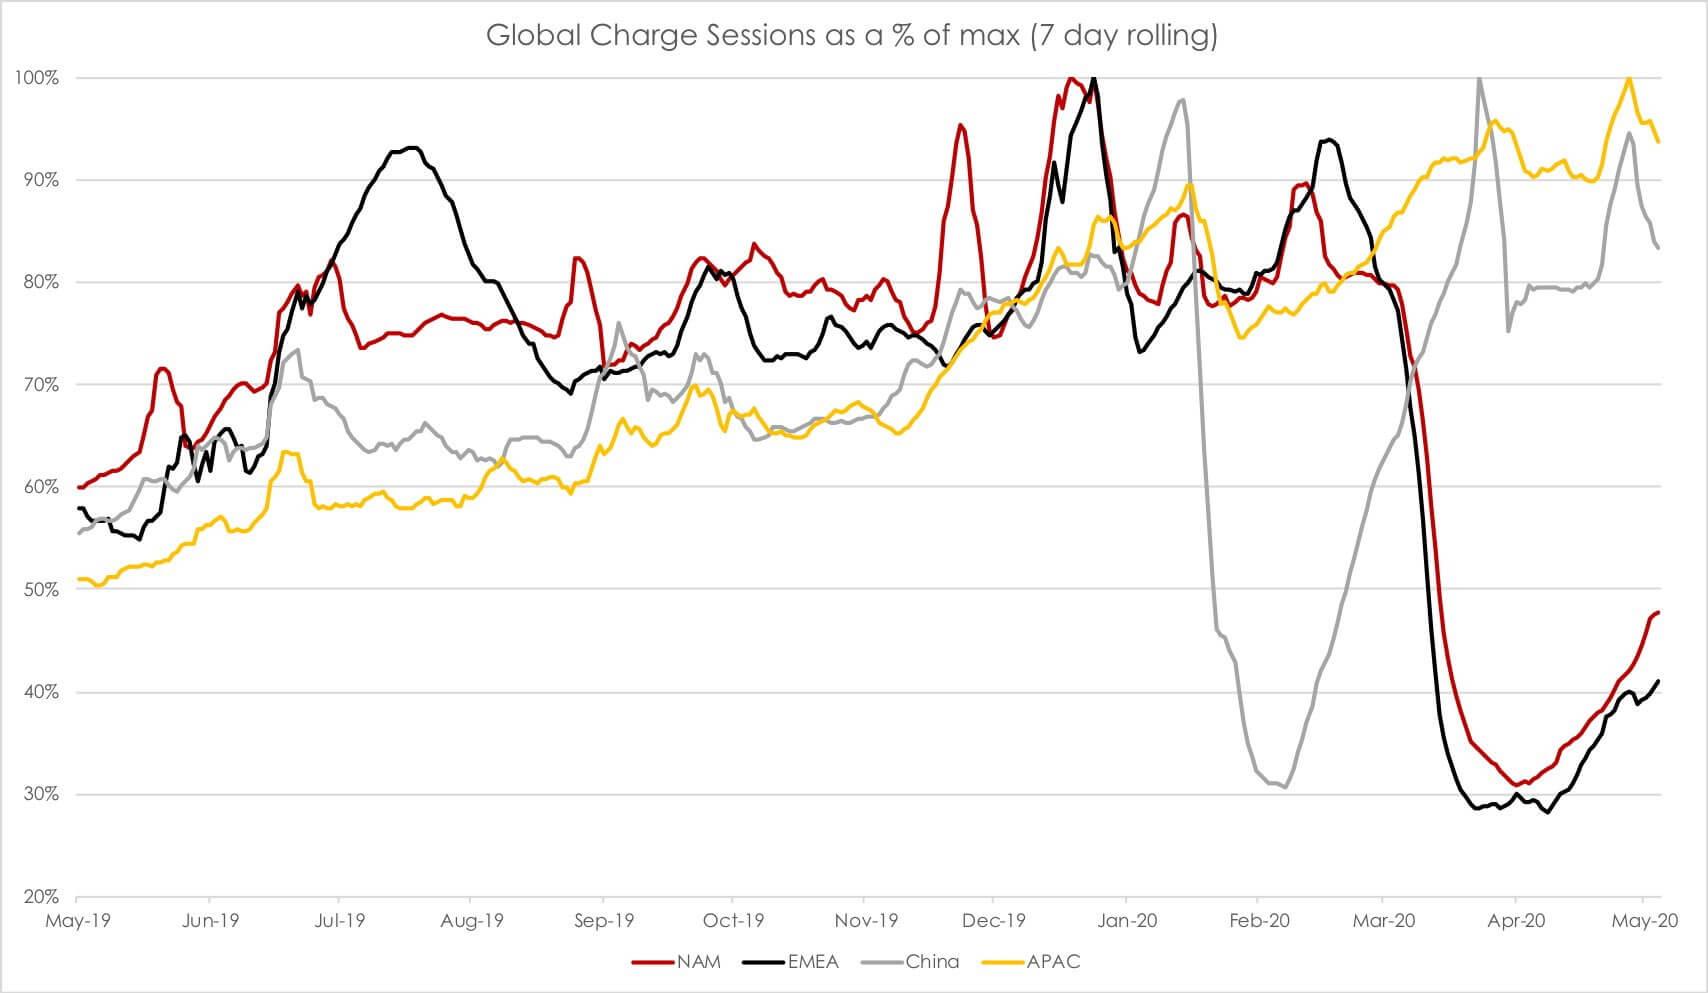 График использования сети Supercharger в разных регионах за последние 12 месяцев